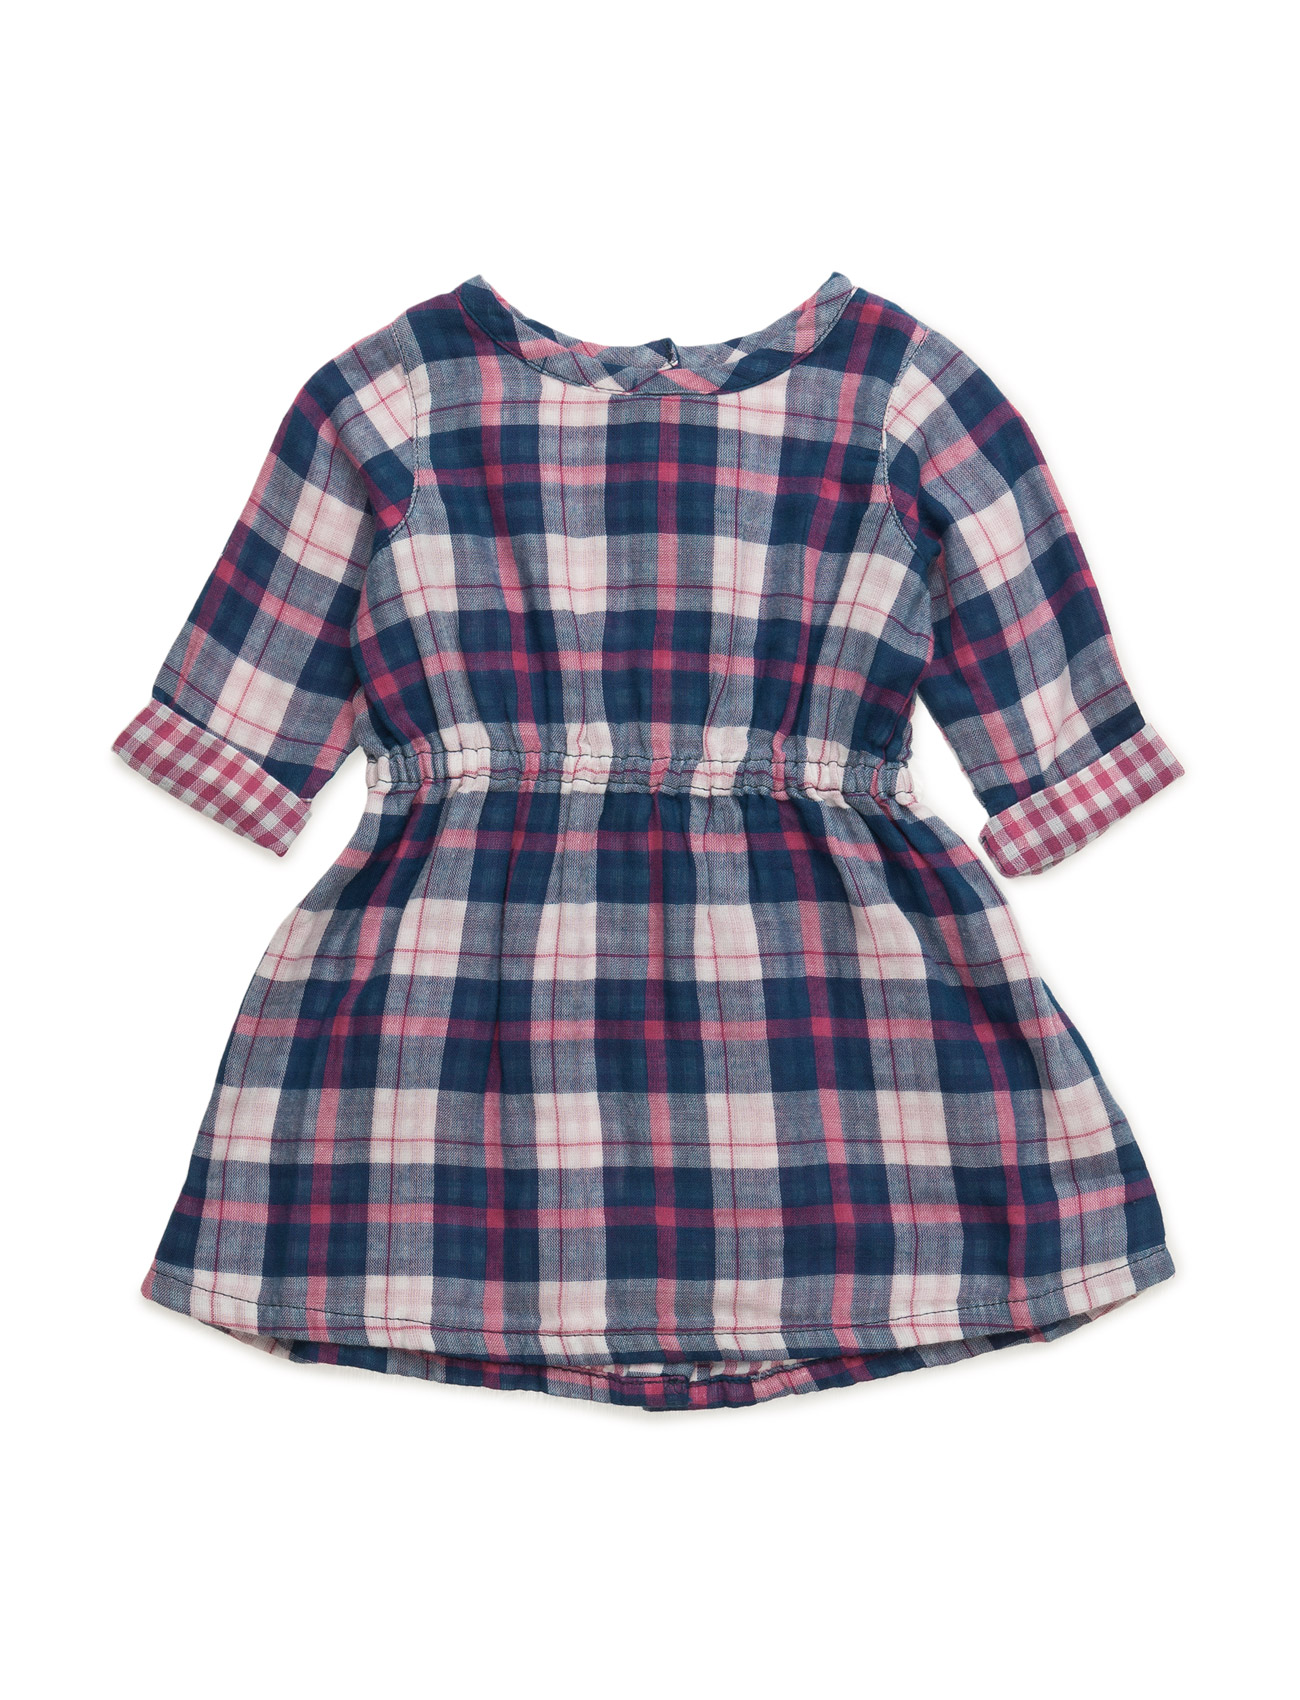 77250f9ed68e Shop Dress United Colors of Benetton Kjoler i til Børn på en webshop